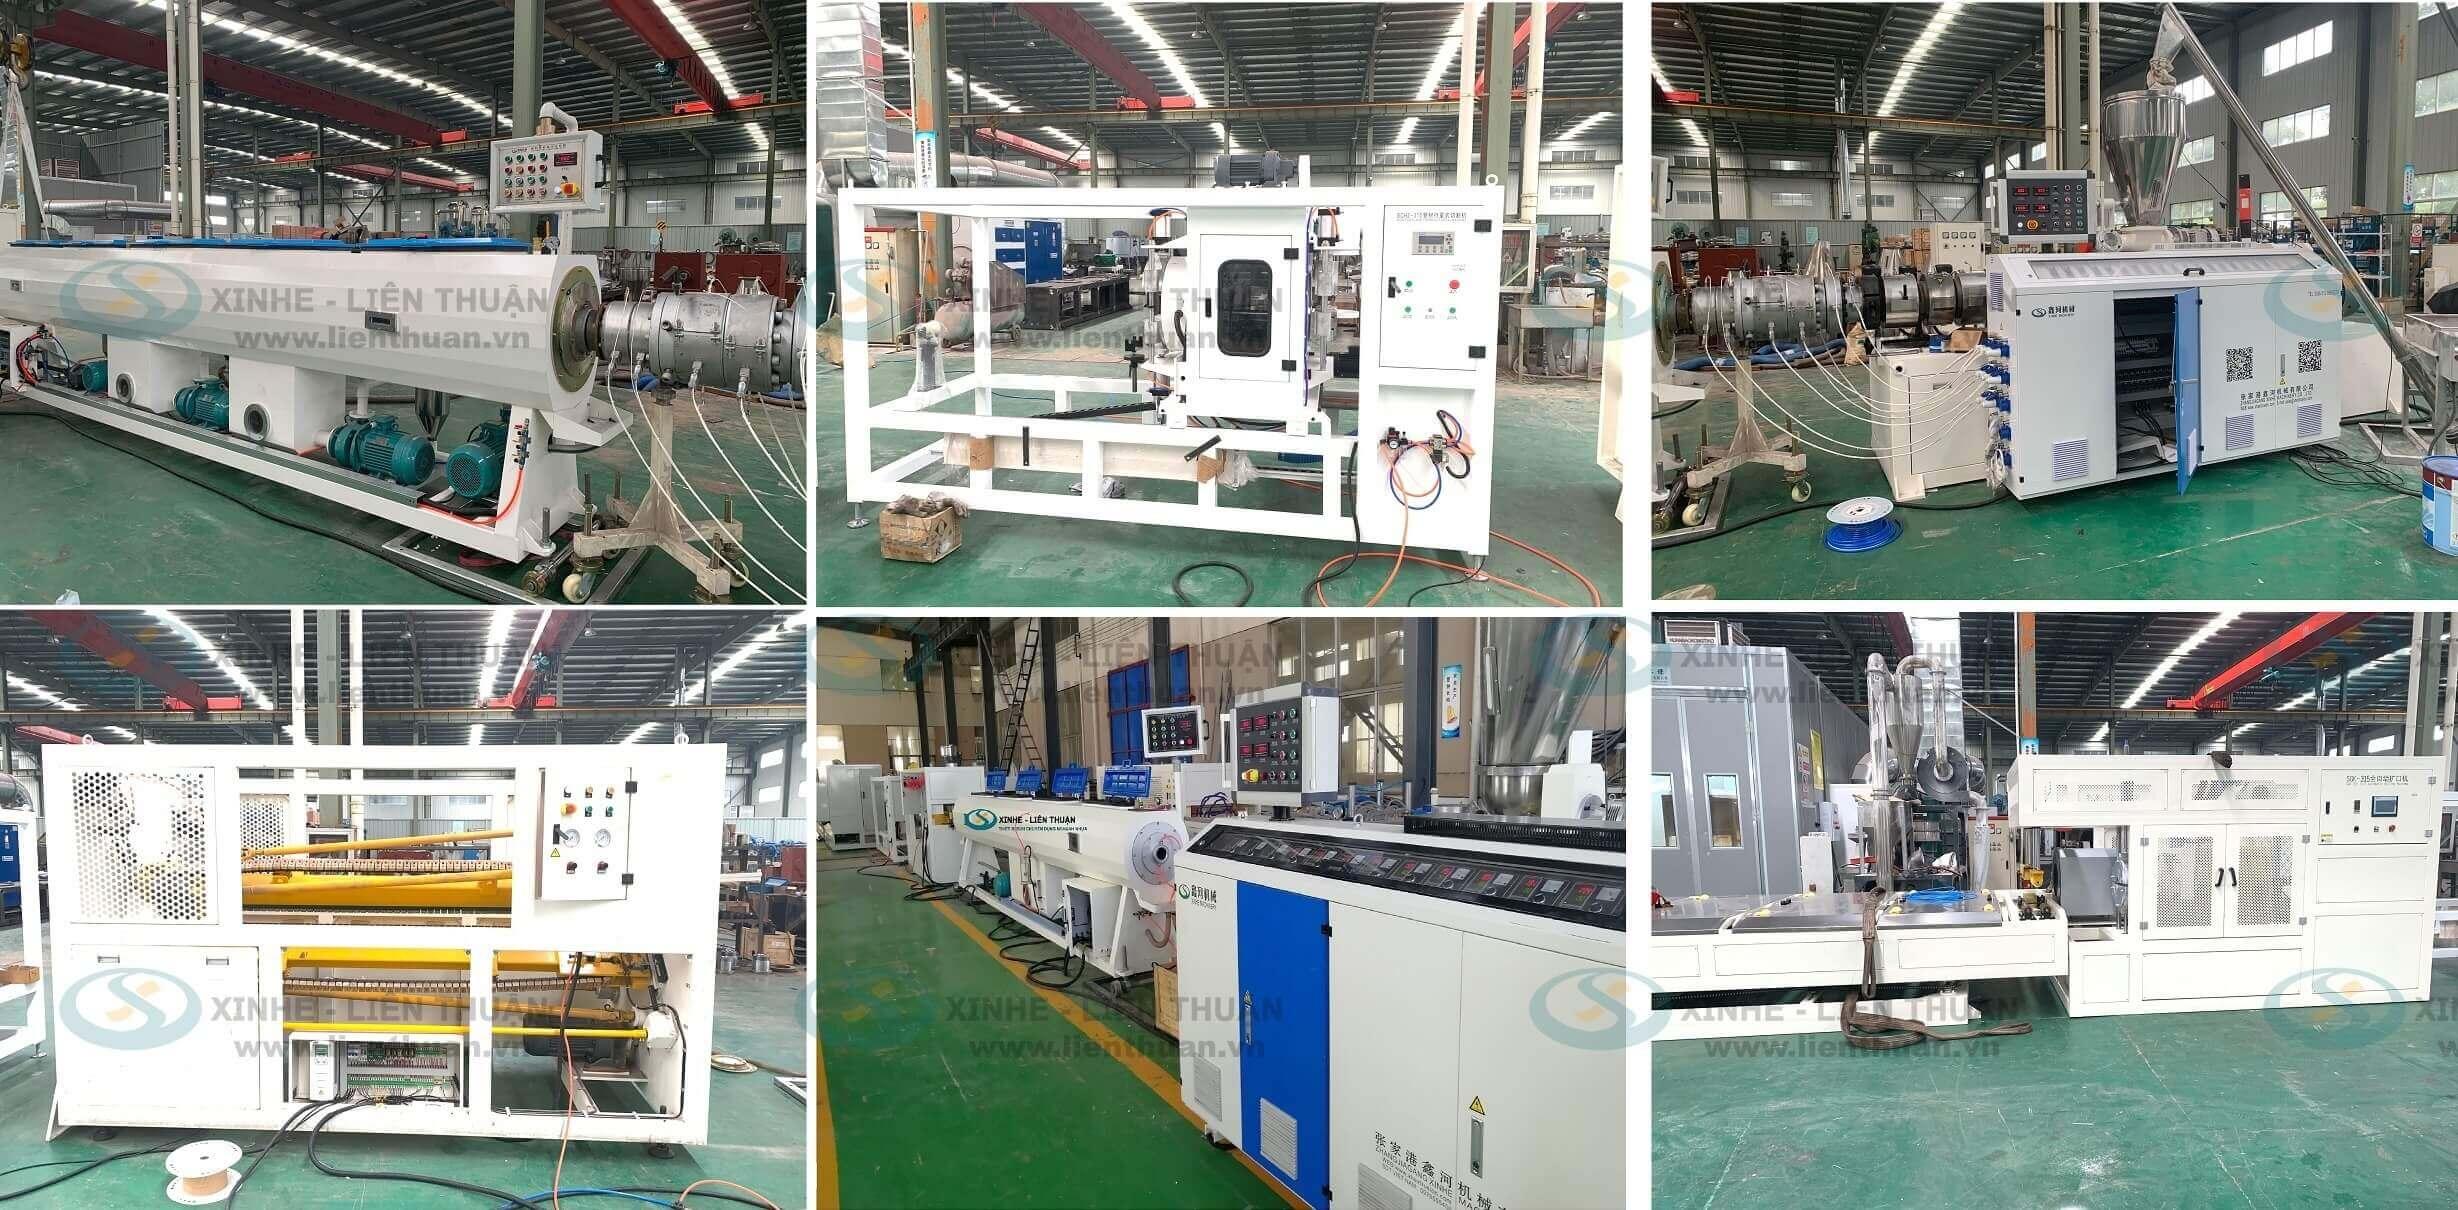 máy sản xuất ống nhựa pvc gia công lắp đặt tại cơ khí Liên Thuận